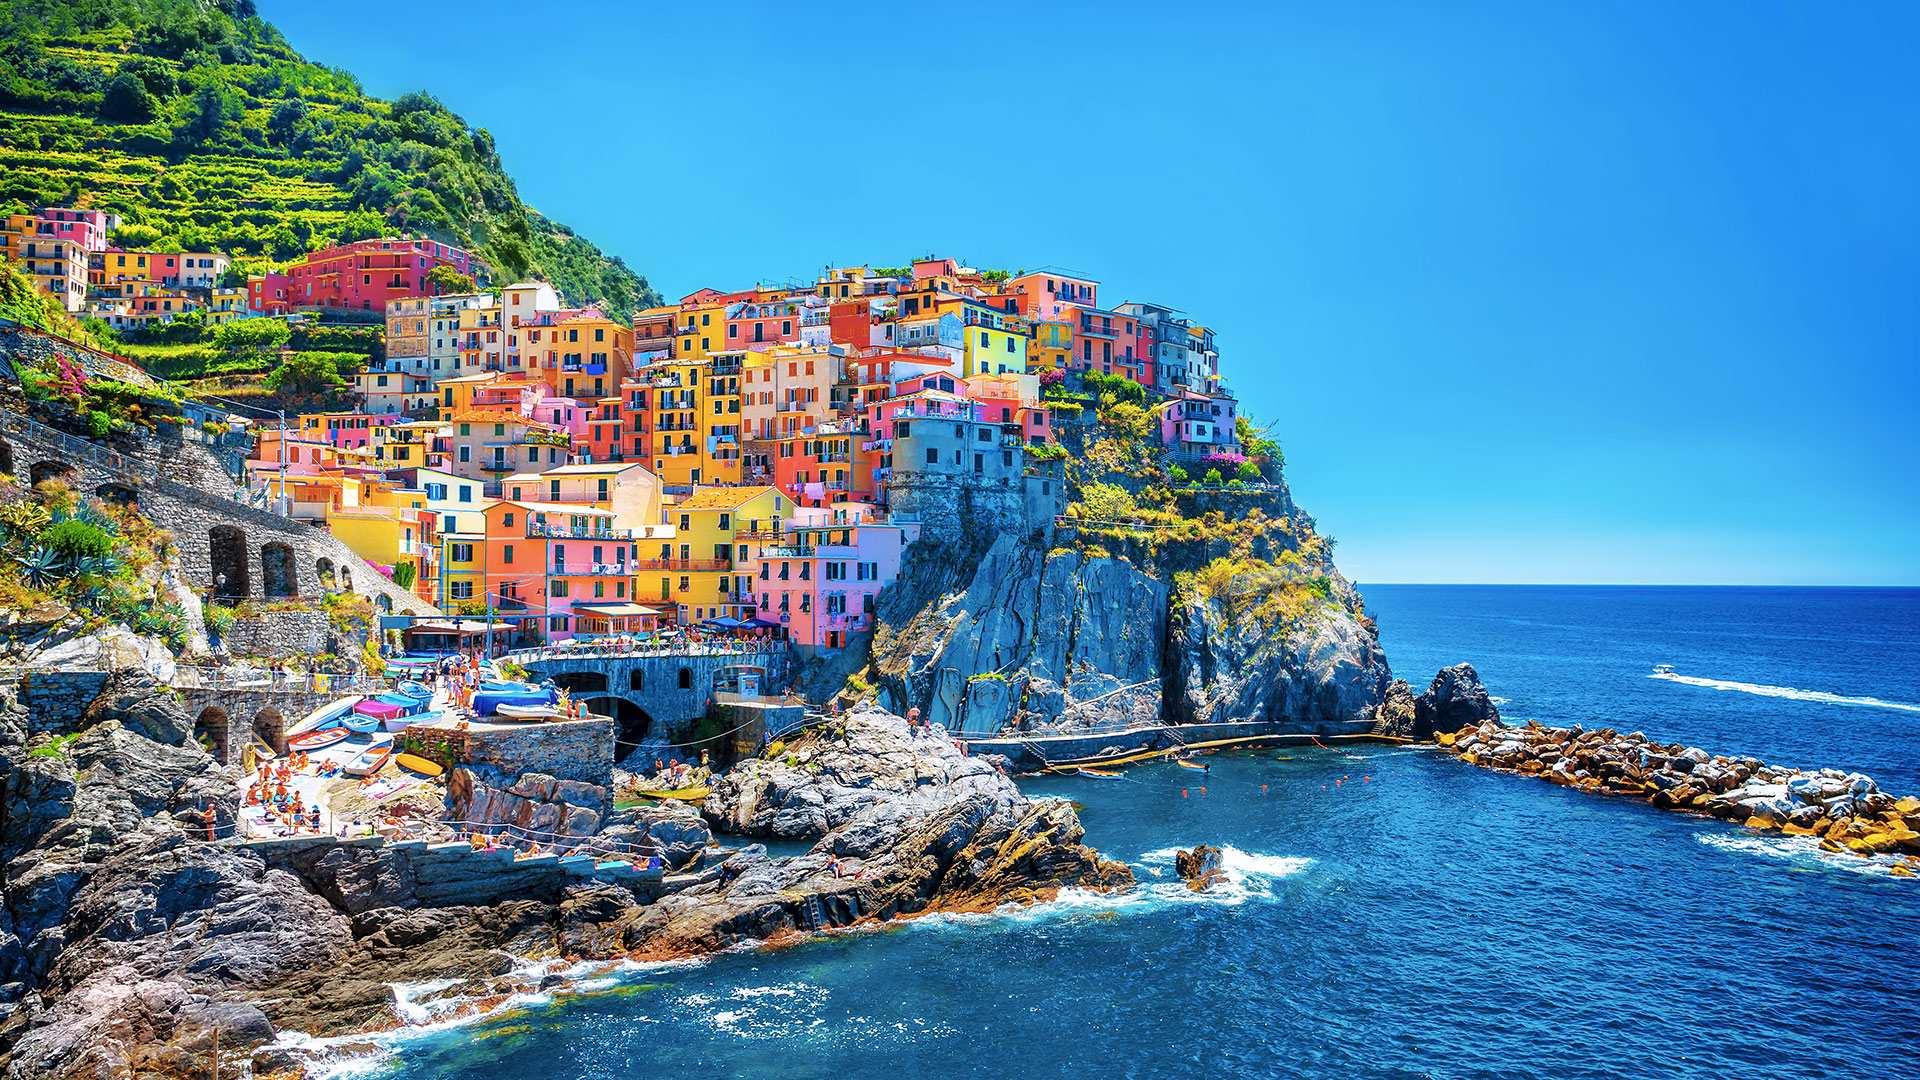 【義大利世界文化遺產】五漁村一日遊(佛羅倫斯出發)